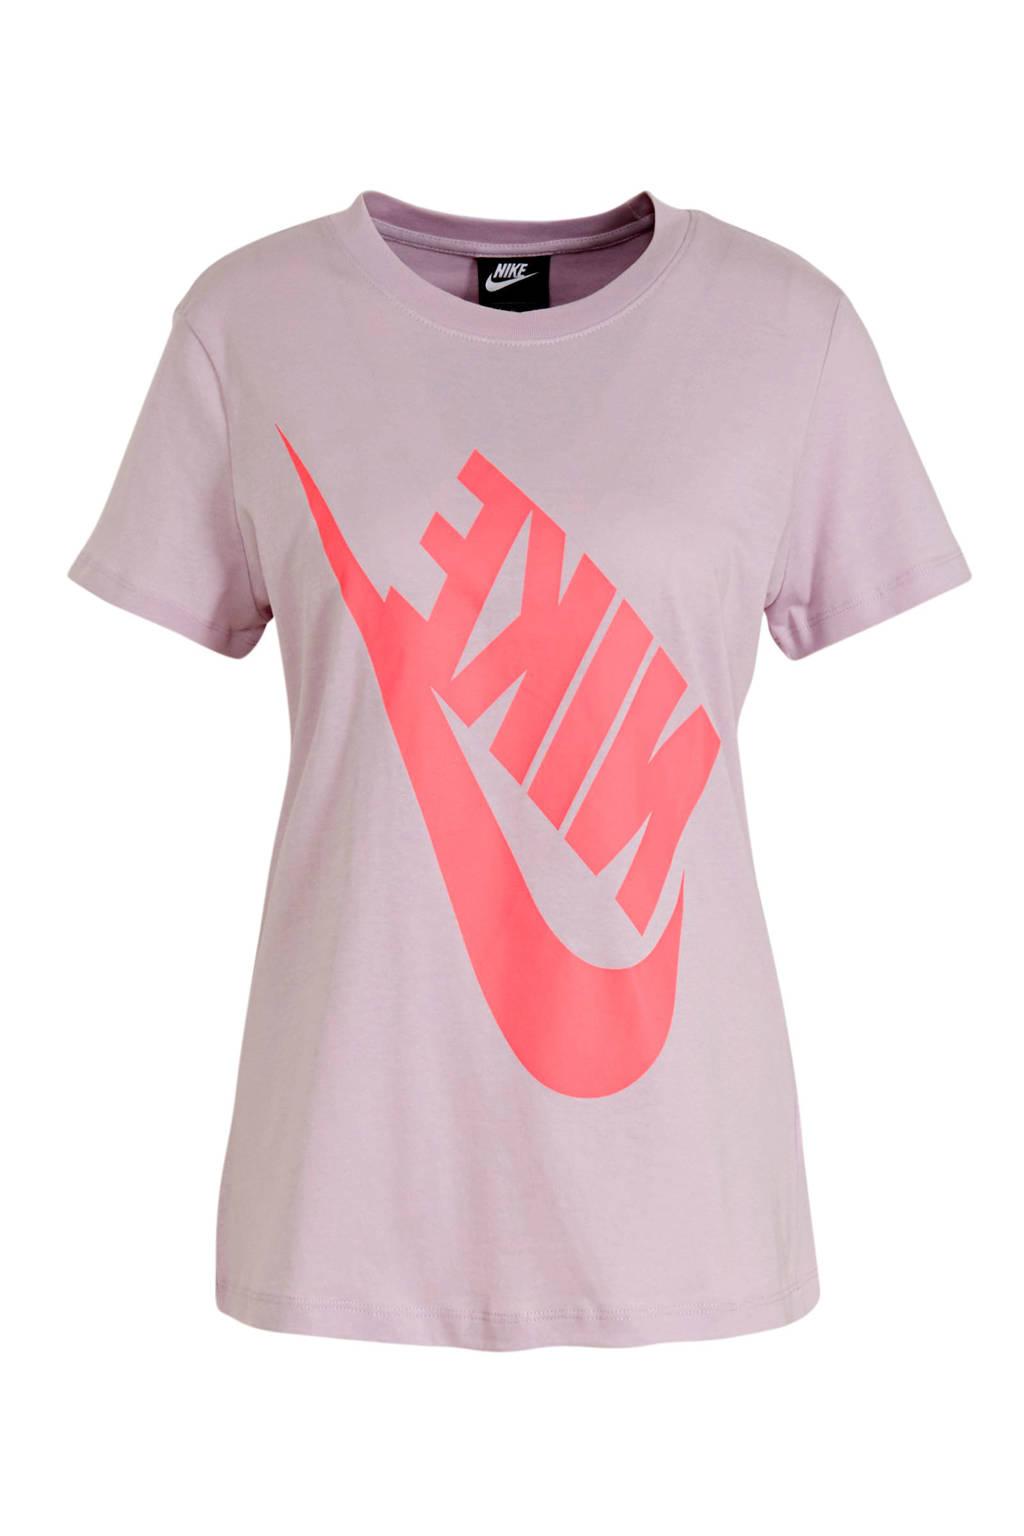 Nike T-shirt lila/roze, Lila/roze